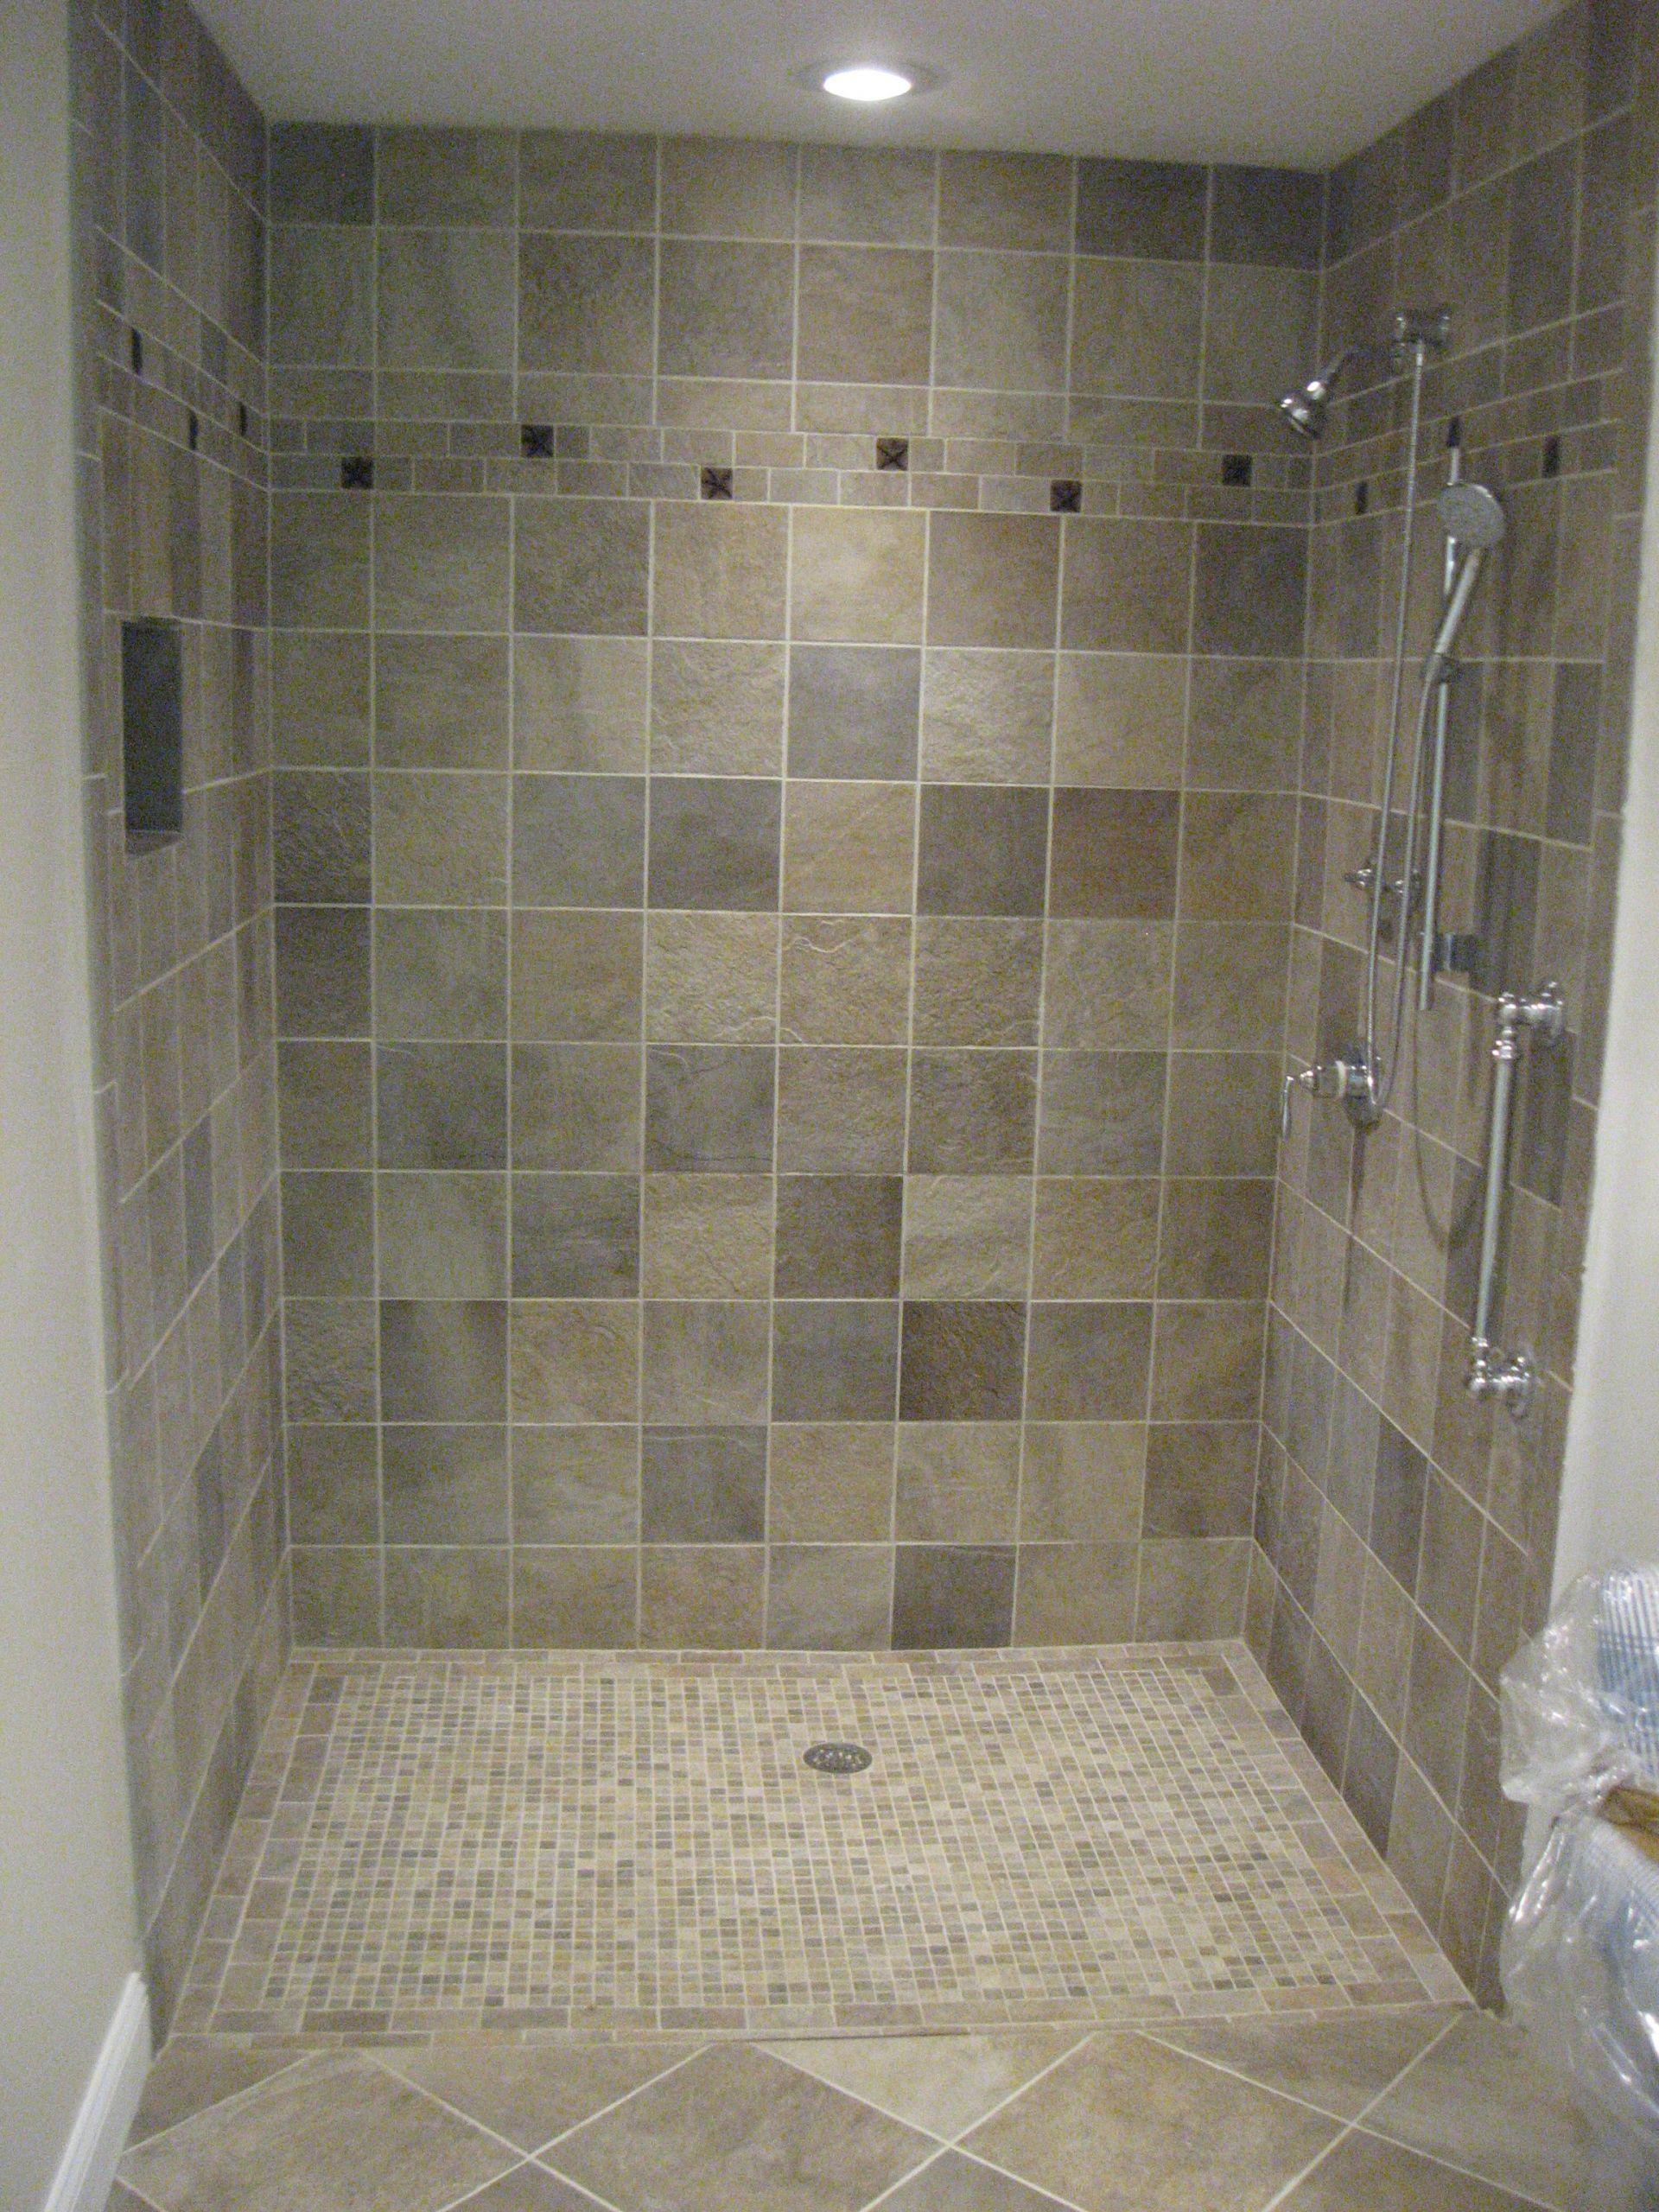 Bathroom Ceramic Floor Tile Ideas  Bathroom Design Most Luxurious Bath With Shower Tile